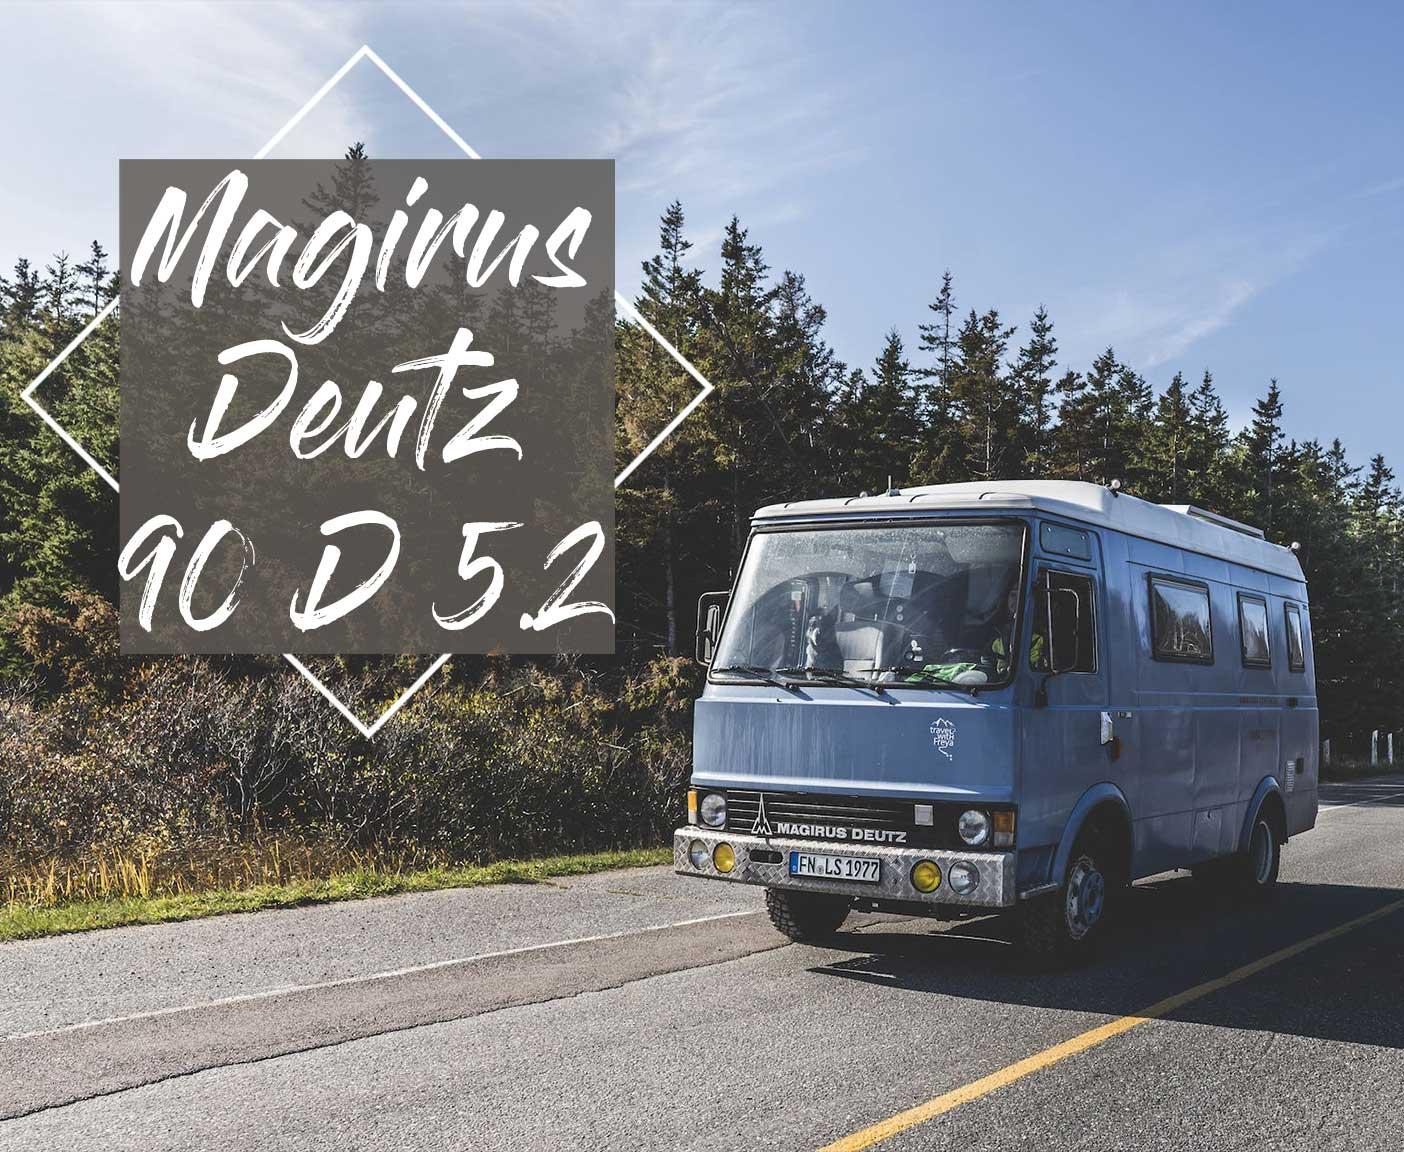 Magirus Deutz 90 D 5.2 ein wilder Siebziger